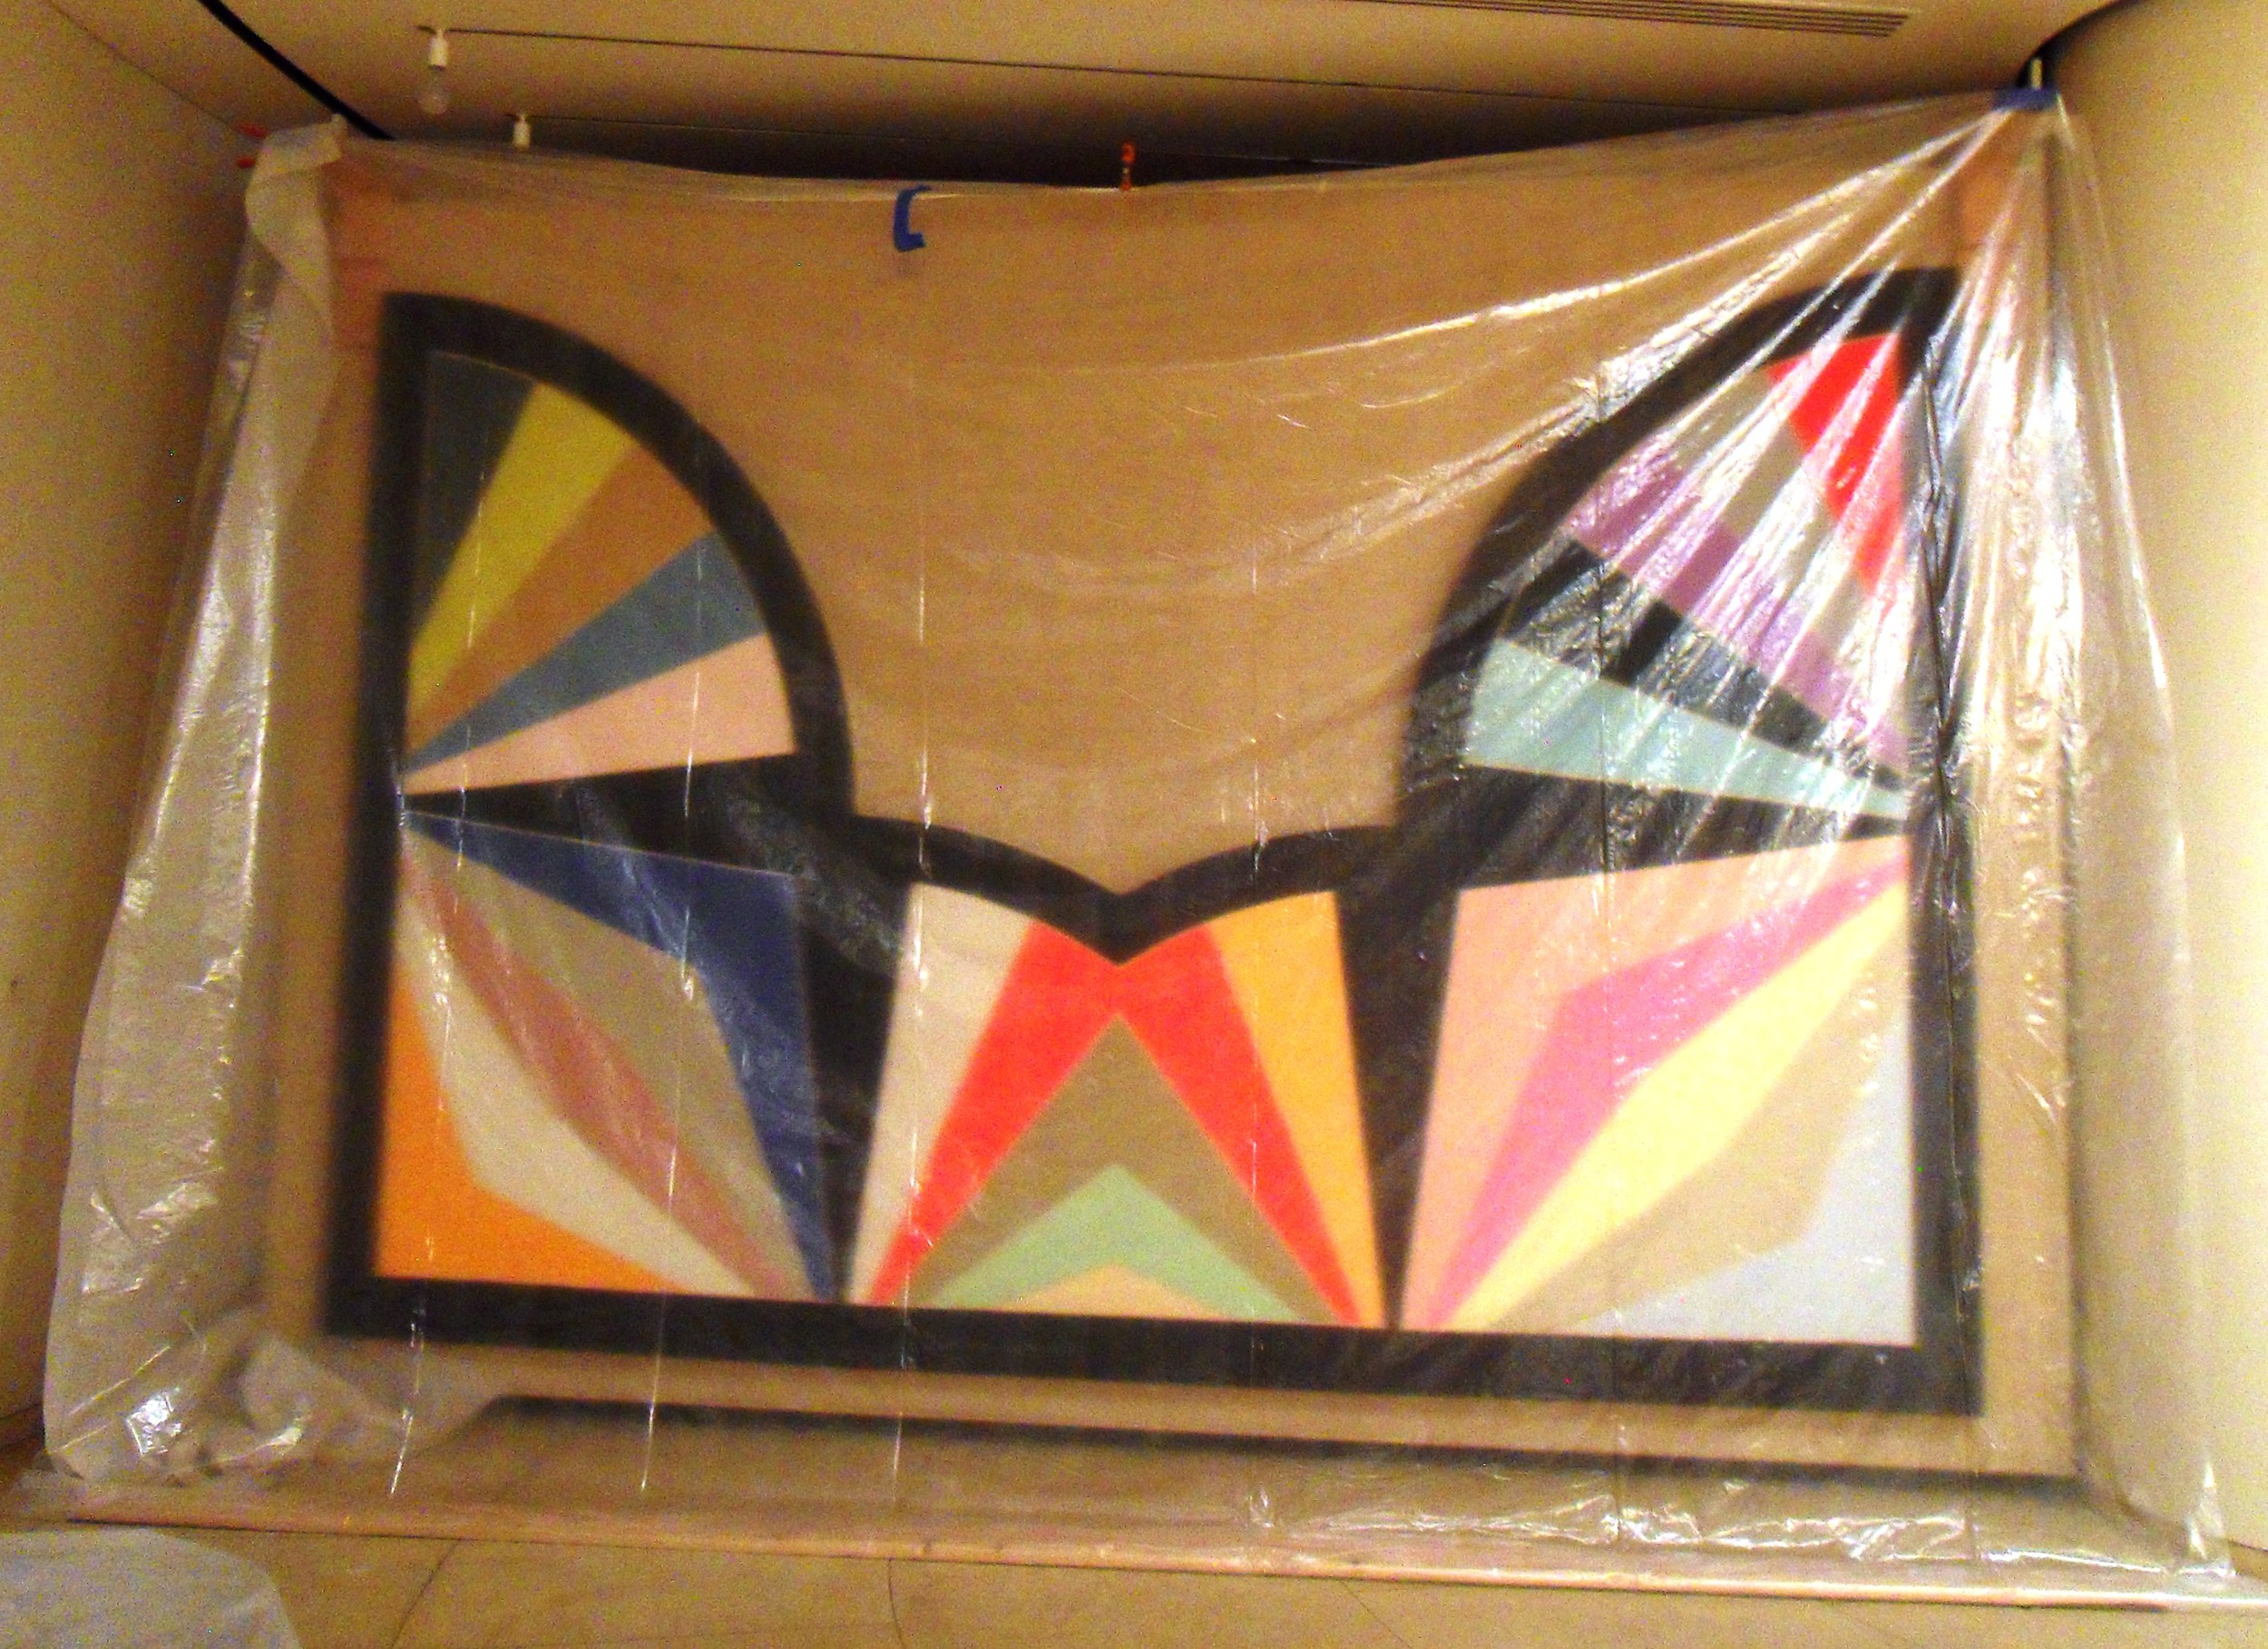 4-Protected Art Work in the Gallery (Frank Stella).JPG